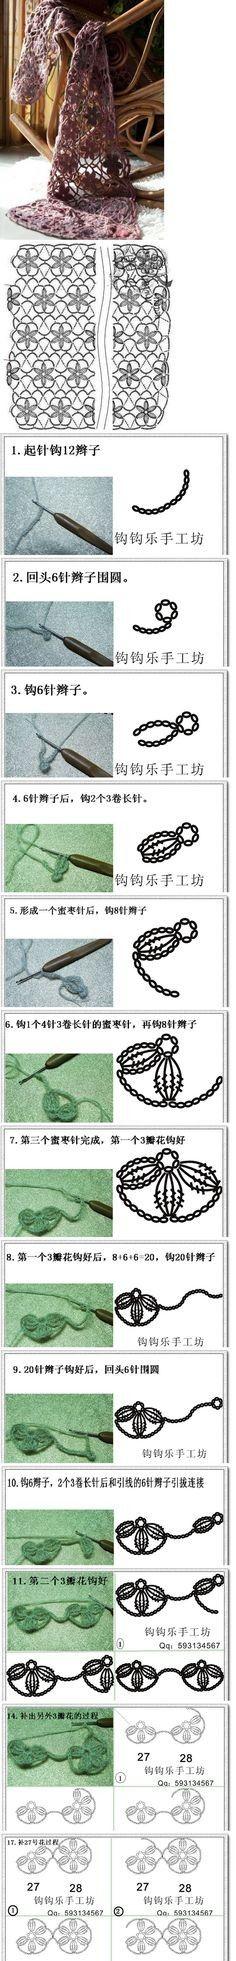 钩织 手工 钩织 编织 DIY